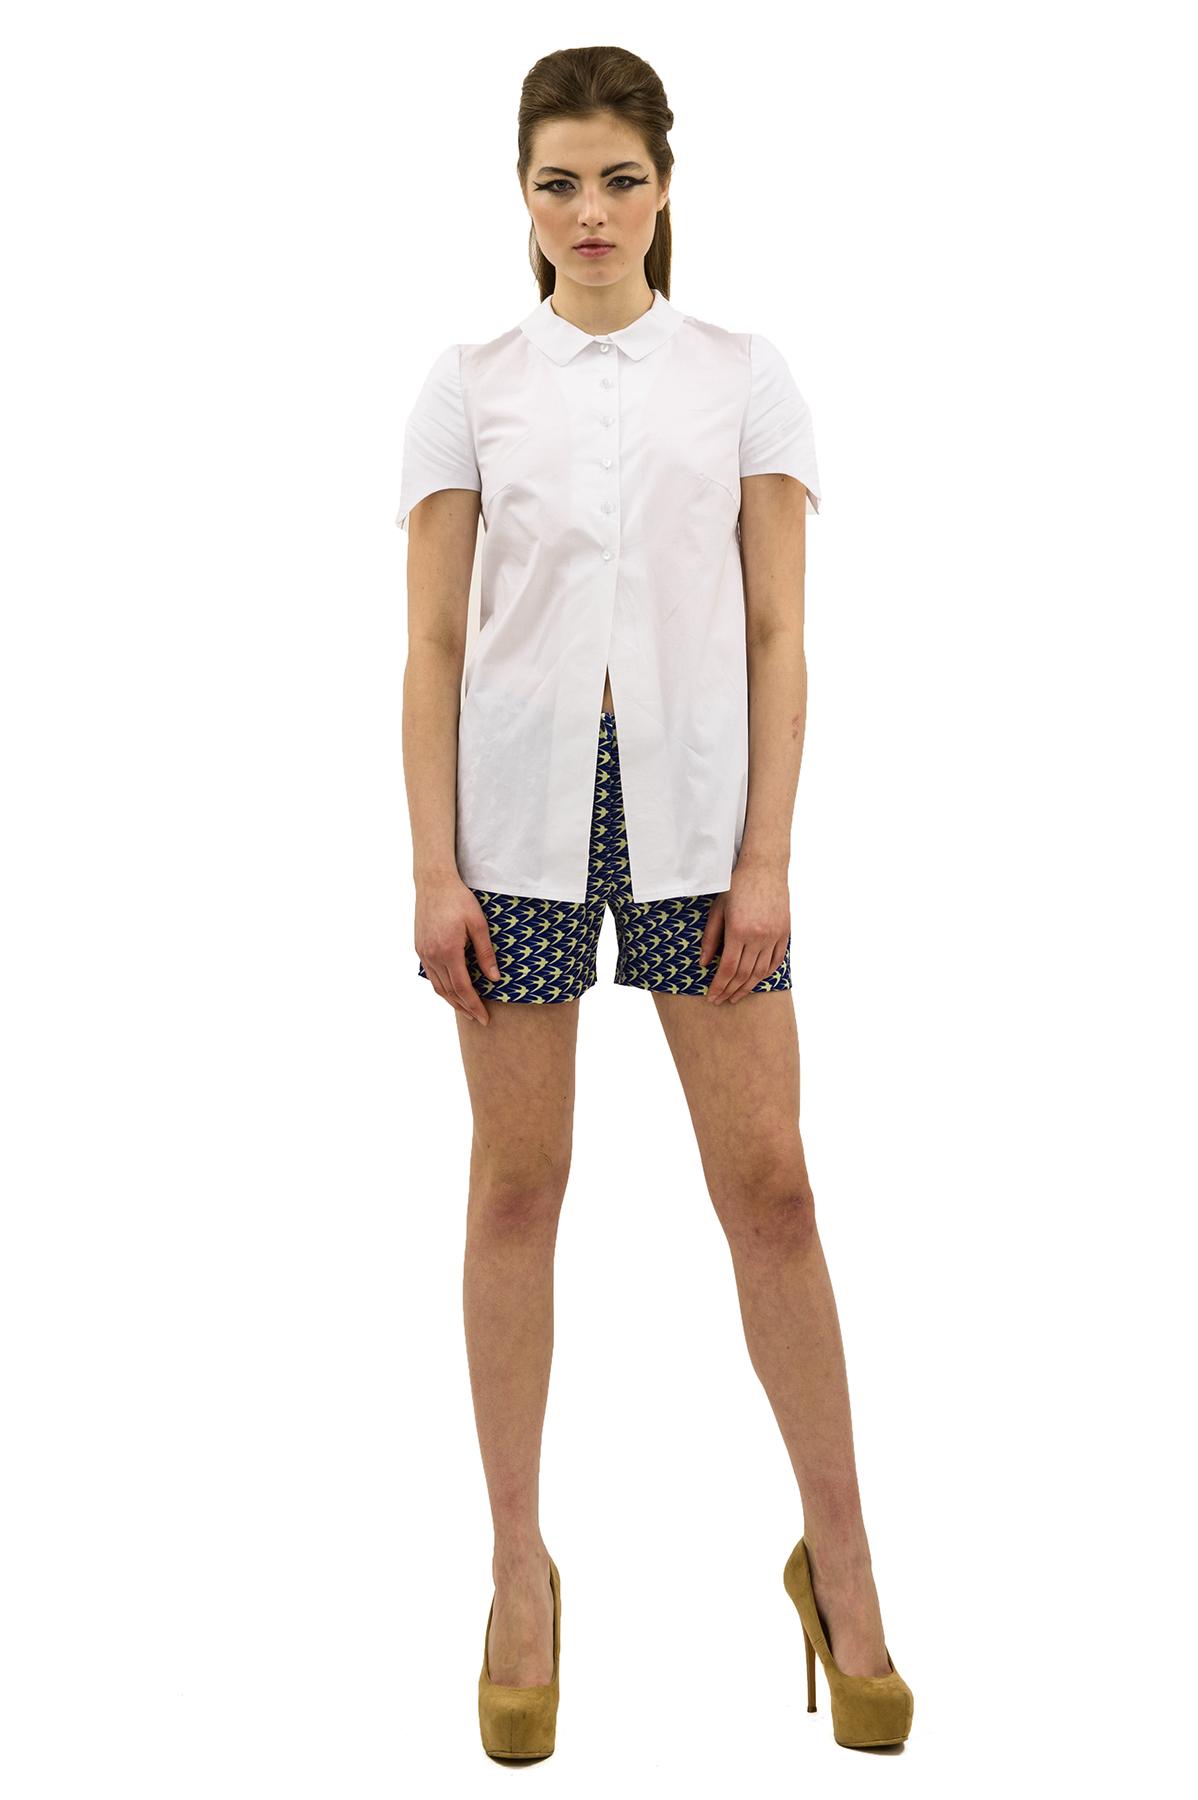 БлузаЖенские блузки<br>Привлекательная блузка лаконичного дизайна. Модель с оригинальными рукавами выполнена из ткани актуального цвета. Эта вещь станет прекрасной составляющей Вашего повседневного гардероба.<br><br>Цвет: белый<br>Состав: 100 % хлопок<br>Размер: 40,42,44,46,48,50,52,54,56,58,60<br>Страна дизайна: Россия<br>Страна производства: Россия